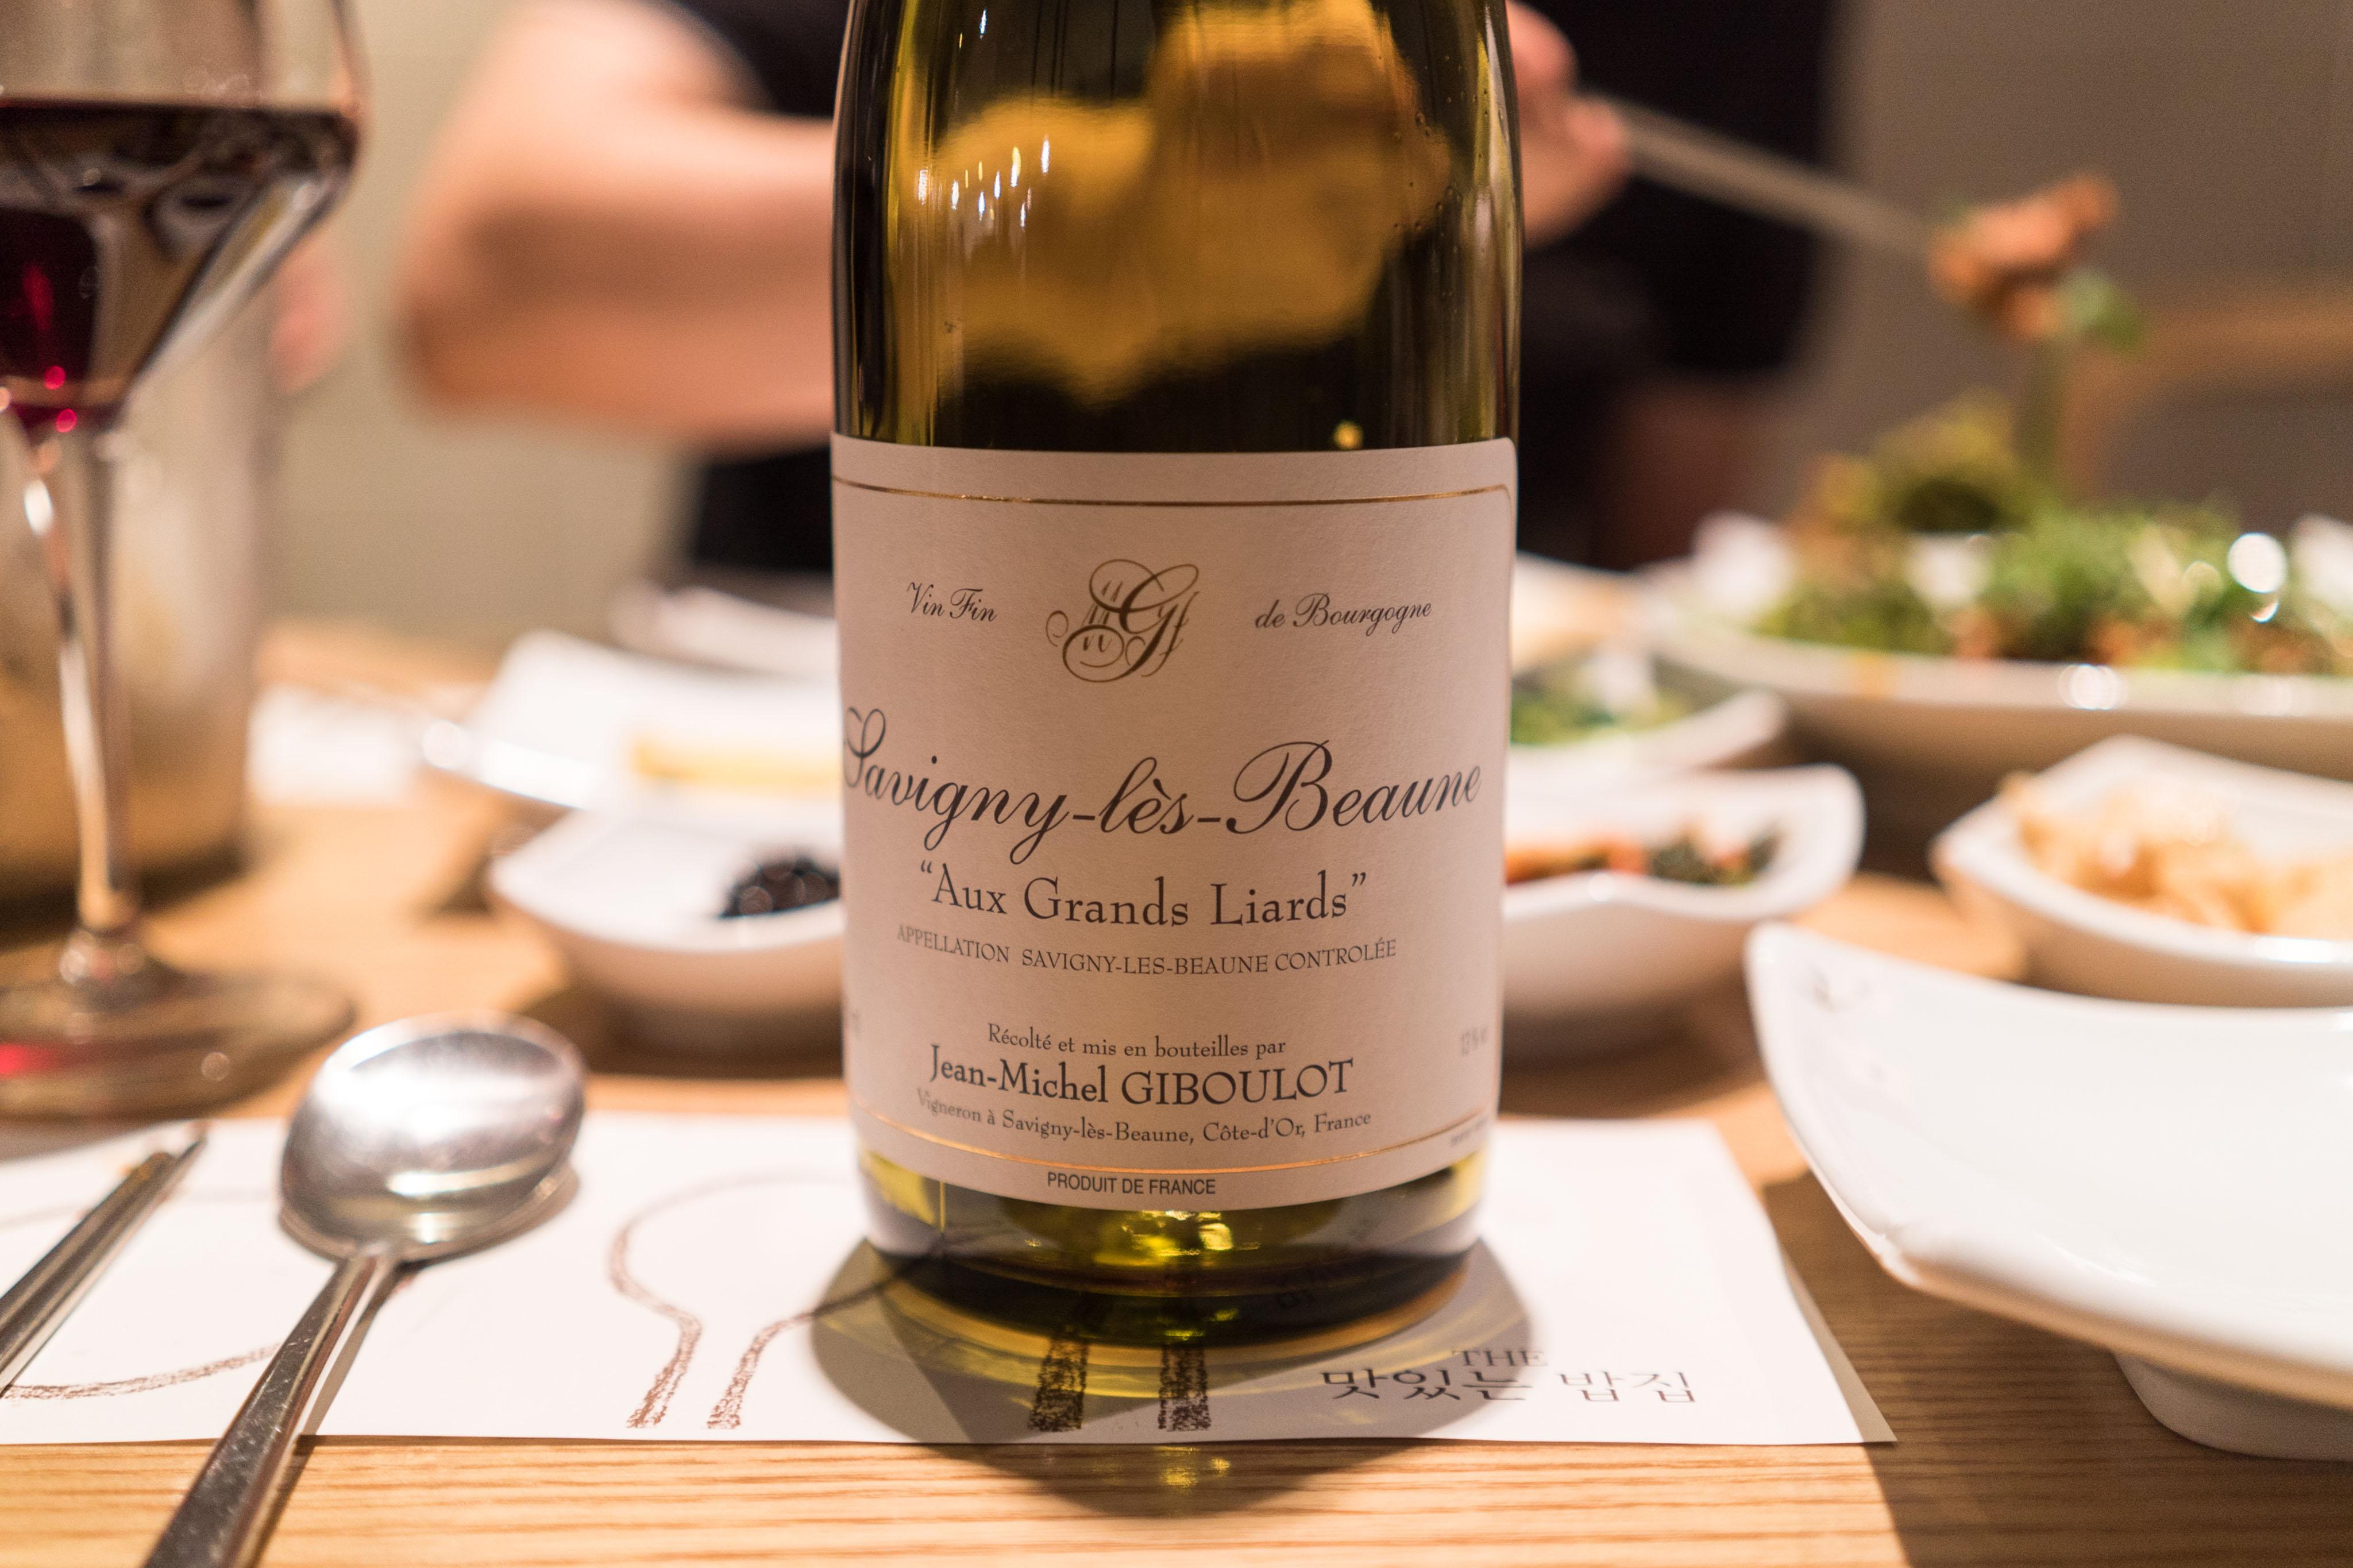 Domaine Jean-Michel Giboulot Savigny-les-Beaune Aux Grands Liards